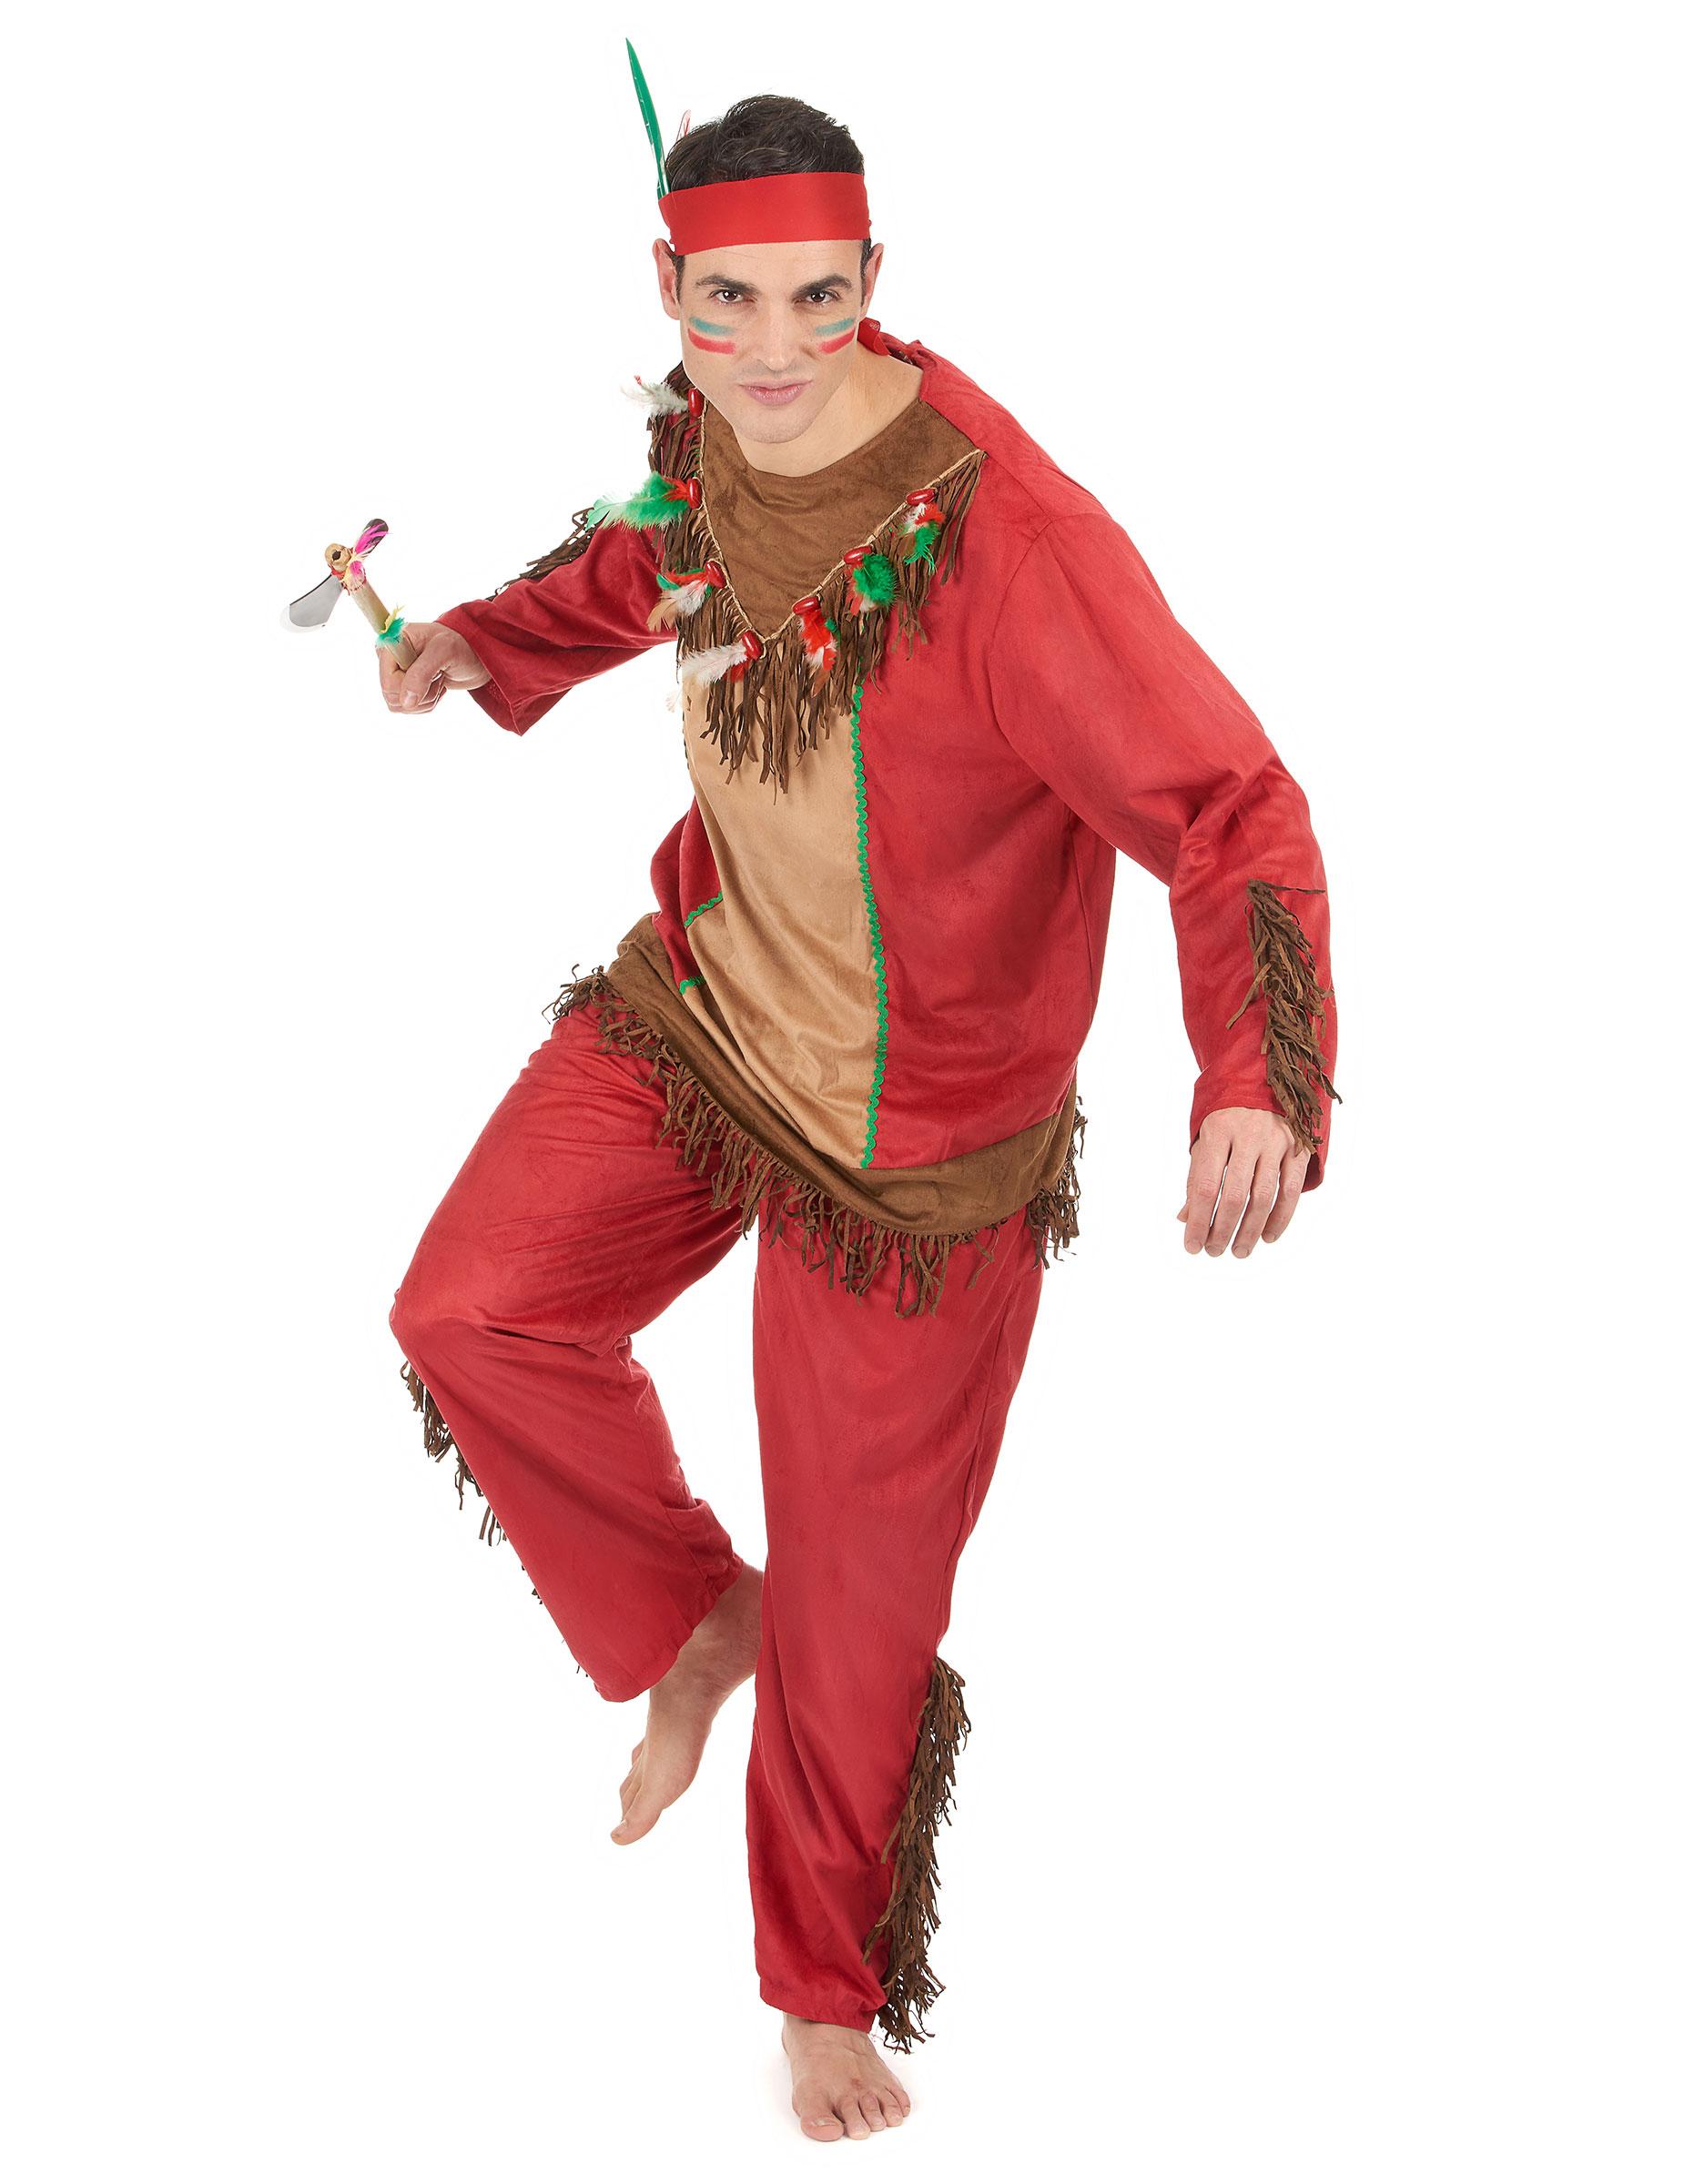 D guisement indien rouge homme achat de d guisements adultes sur vegaoopro grossiste en - Maquillage indien homme ...